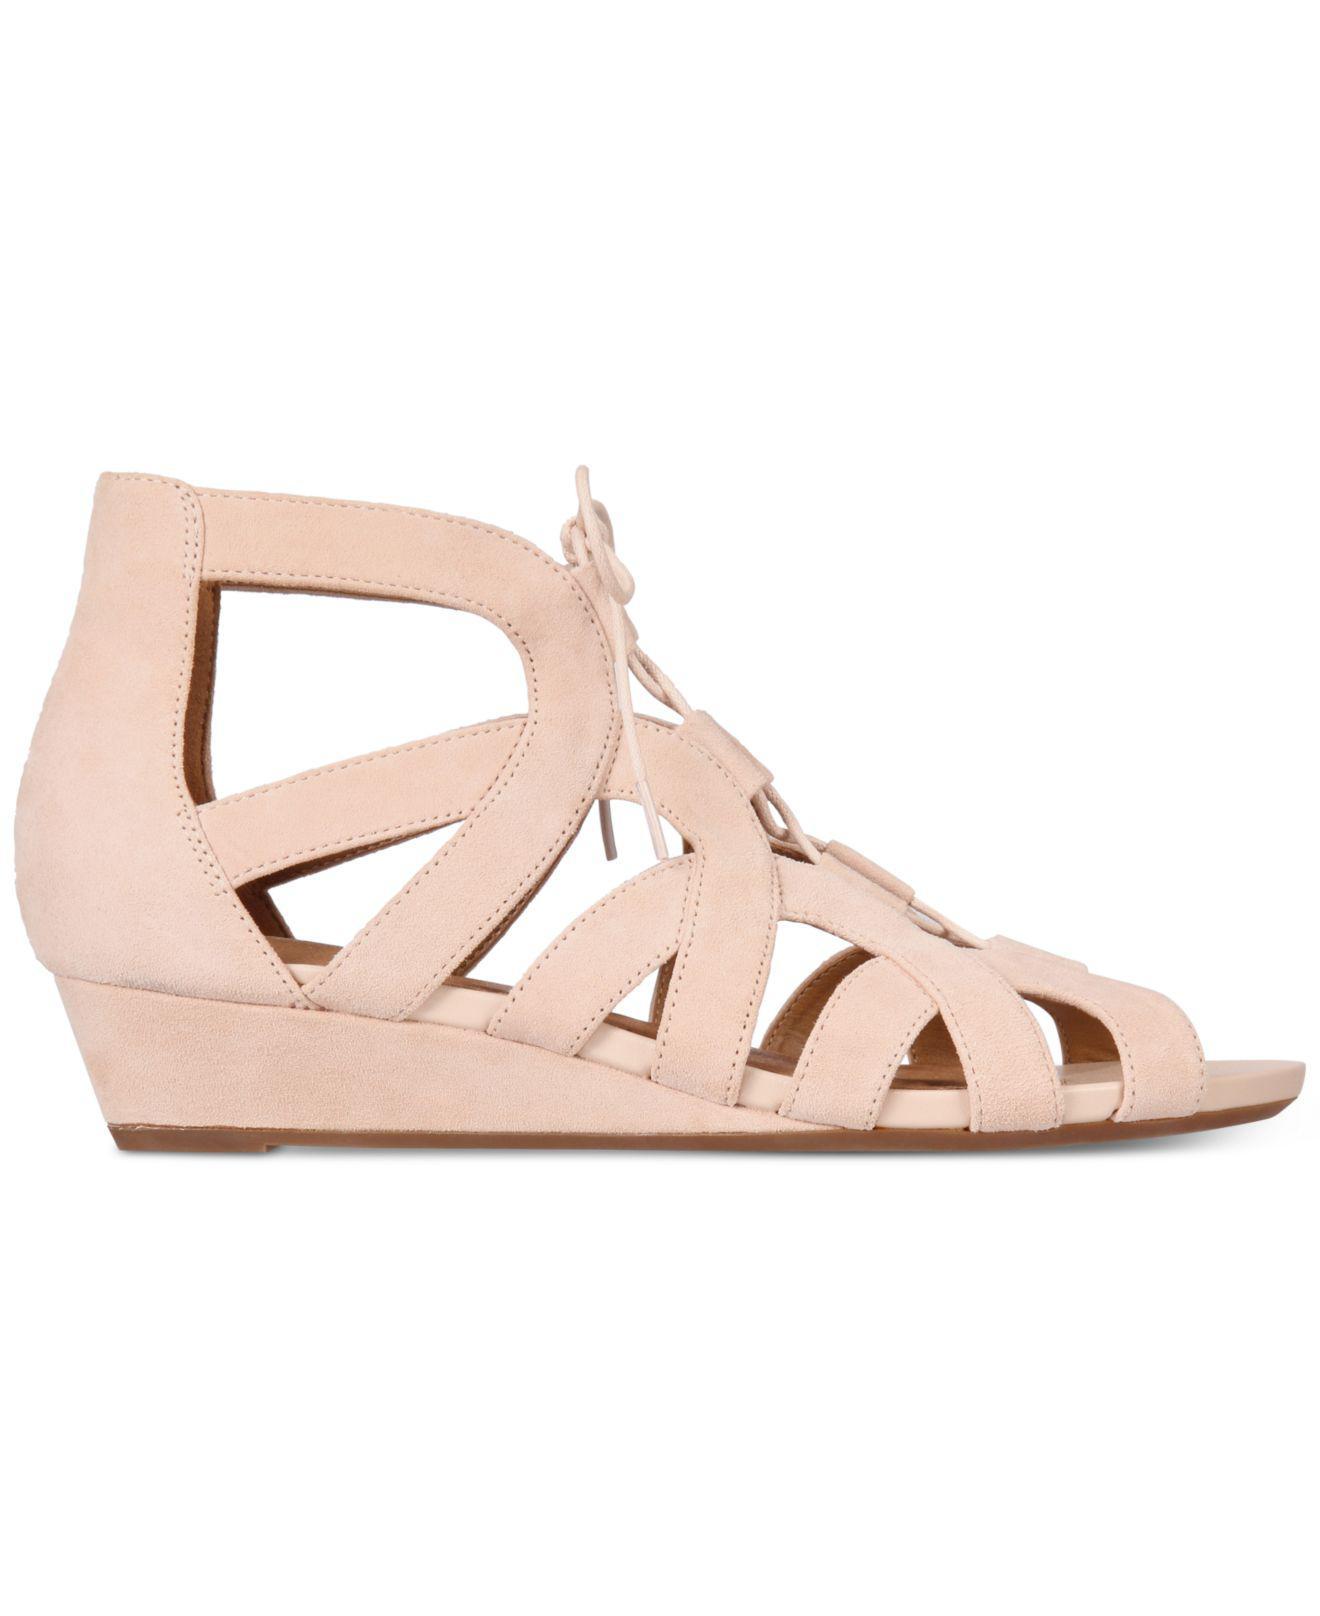 985d043dce7 Clarks Multicolor Women's Parram Lux Gladiator Lace-up Sandals